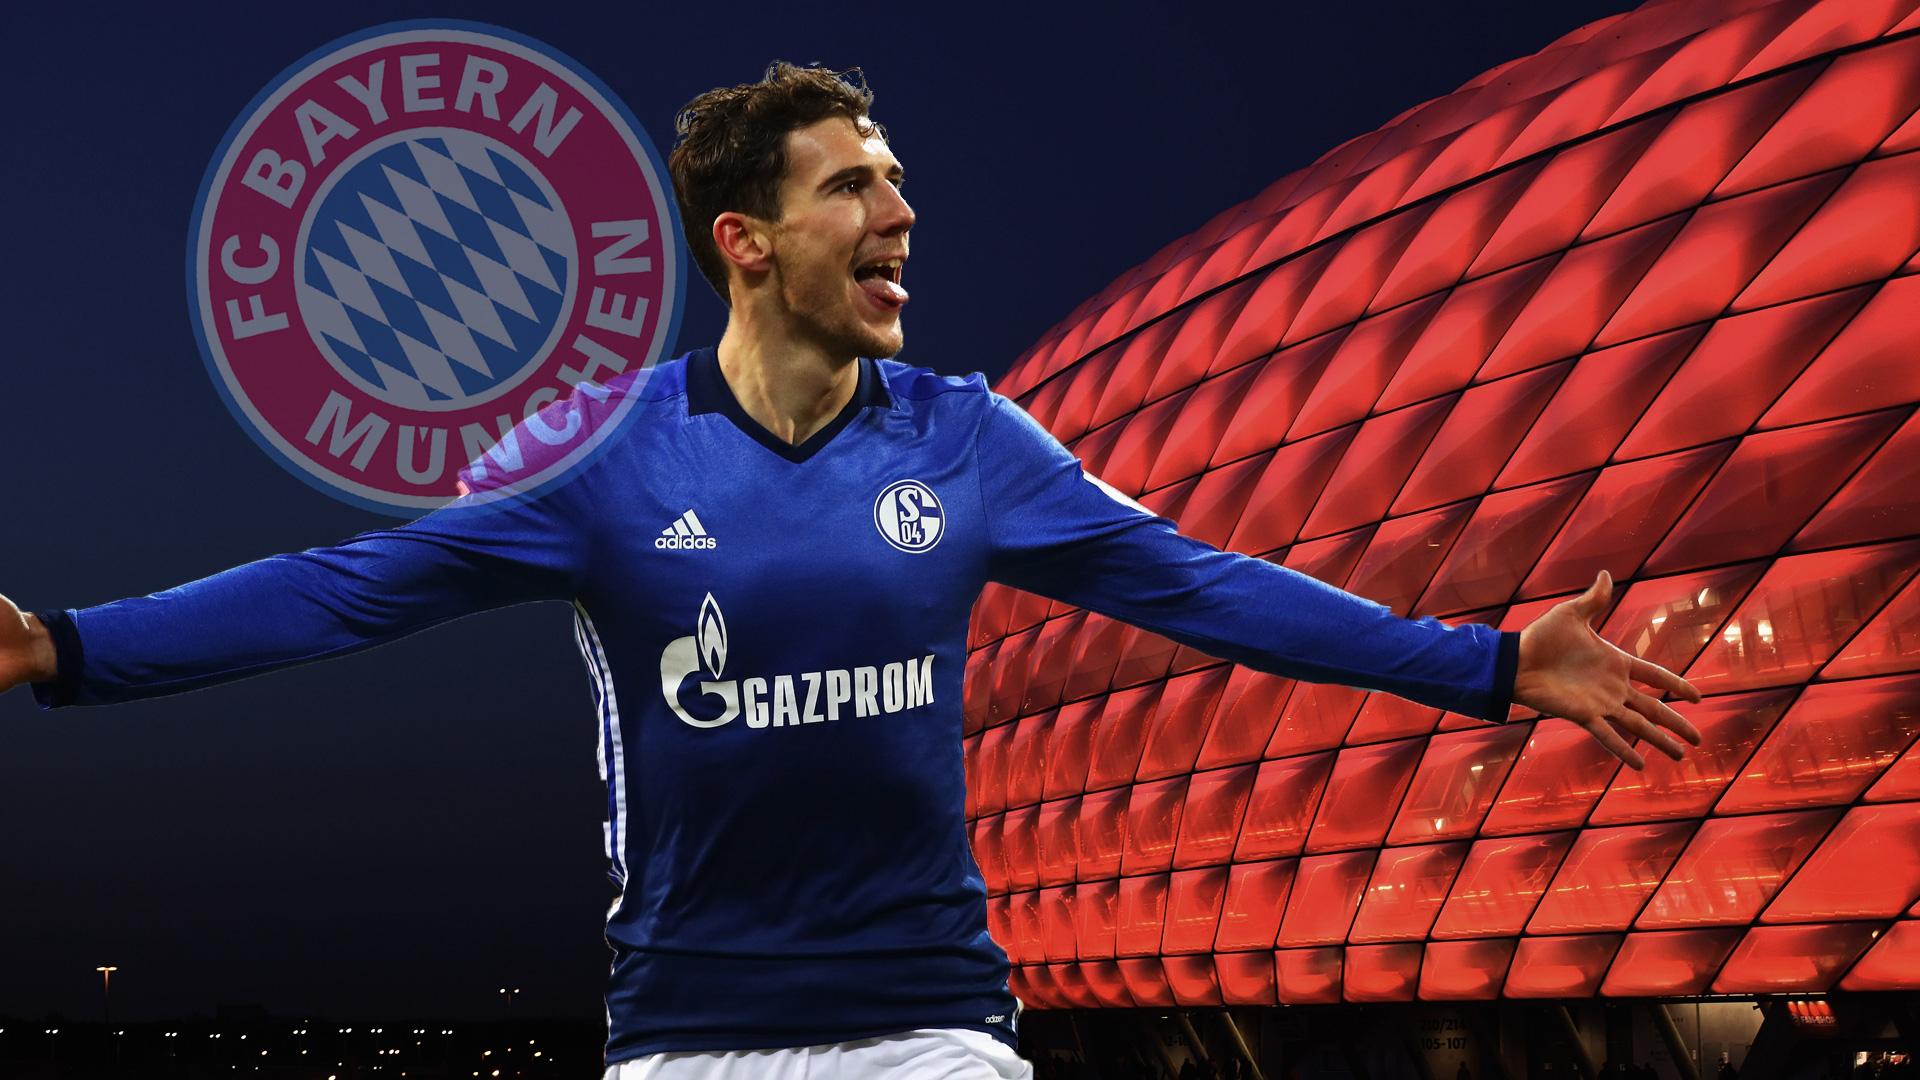 Medien: Bayern und Juventus wegen Costa einig